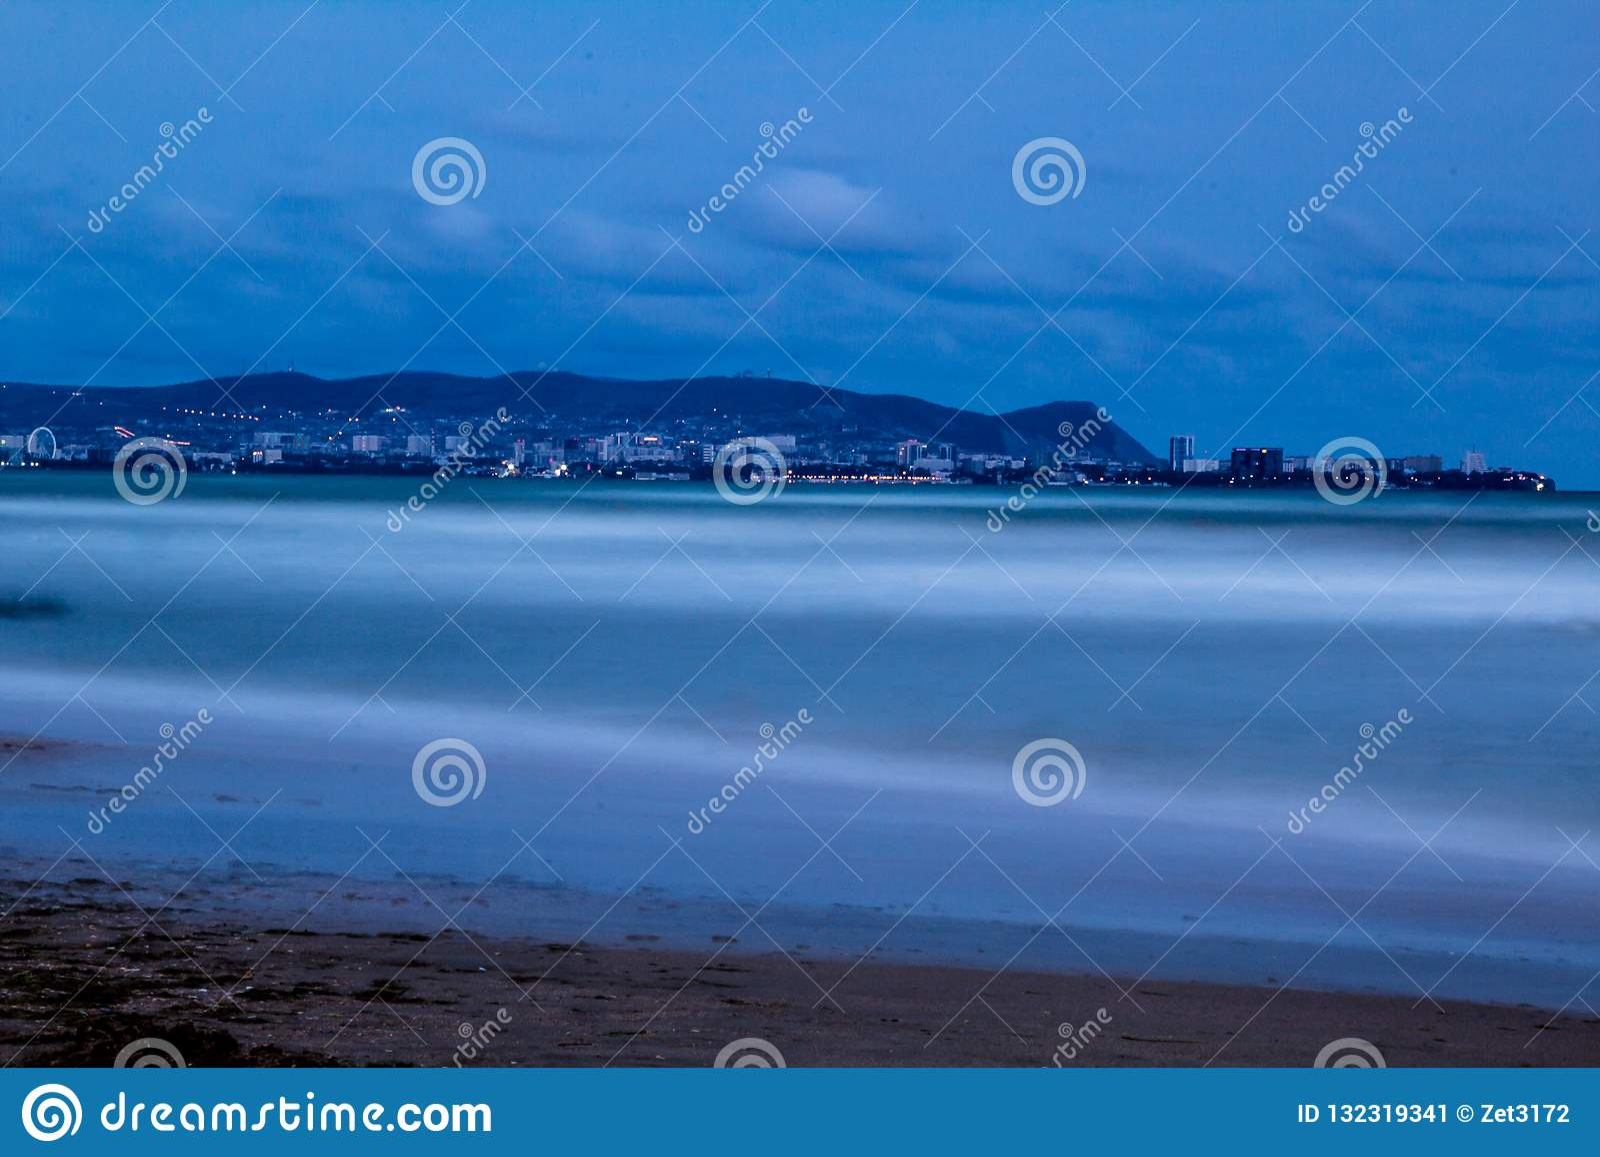 Nachtlichten van de stad op de kust